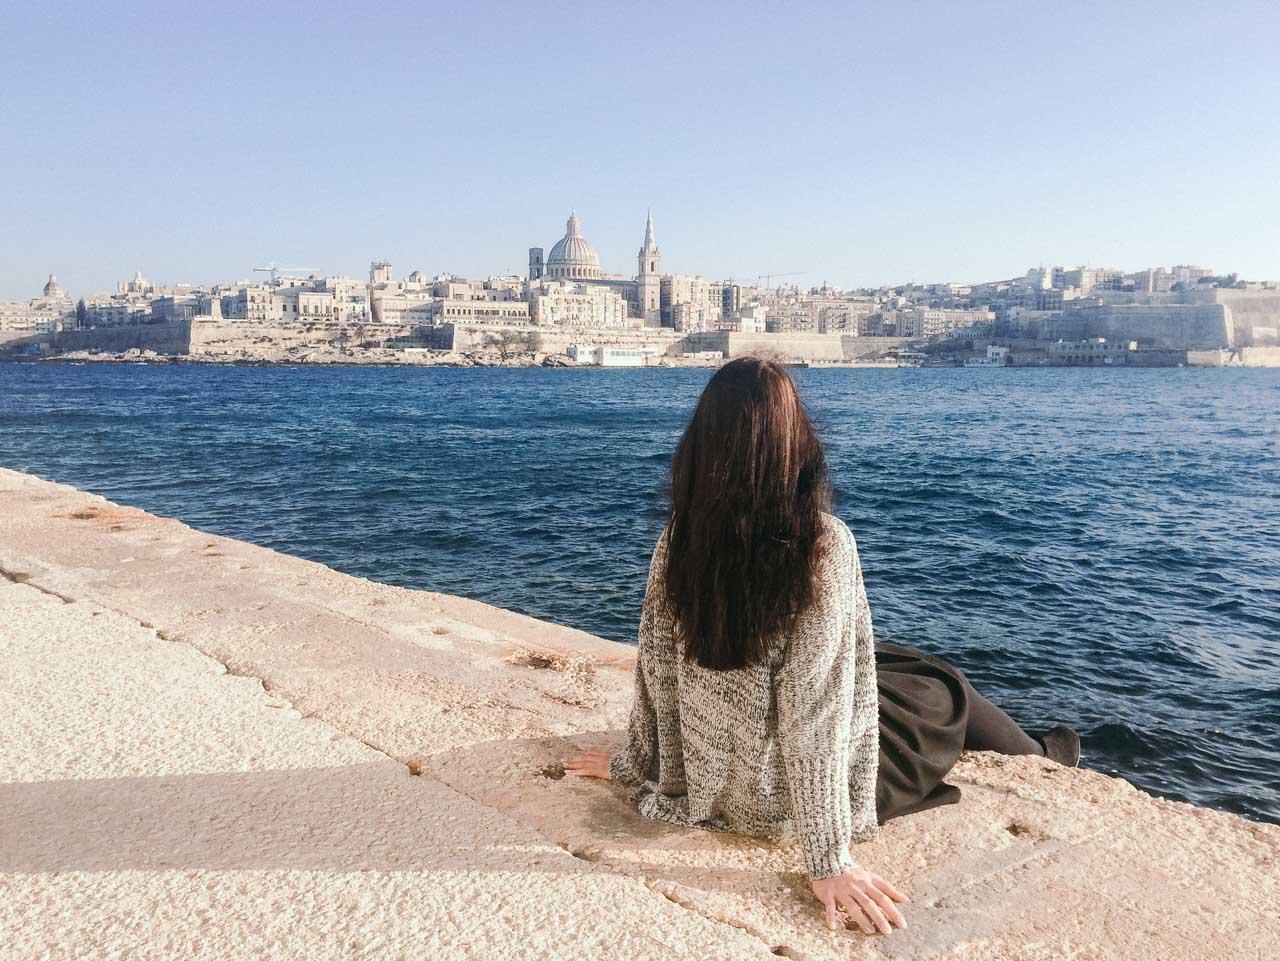 A girl sitting on the waterfront in Sliema, Malta overlooking Valletta